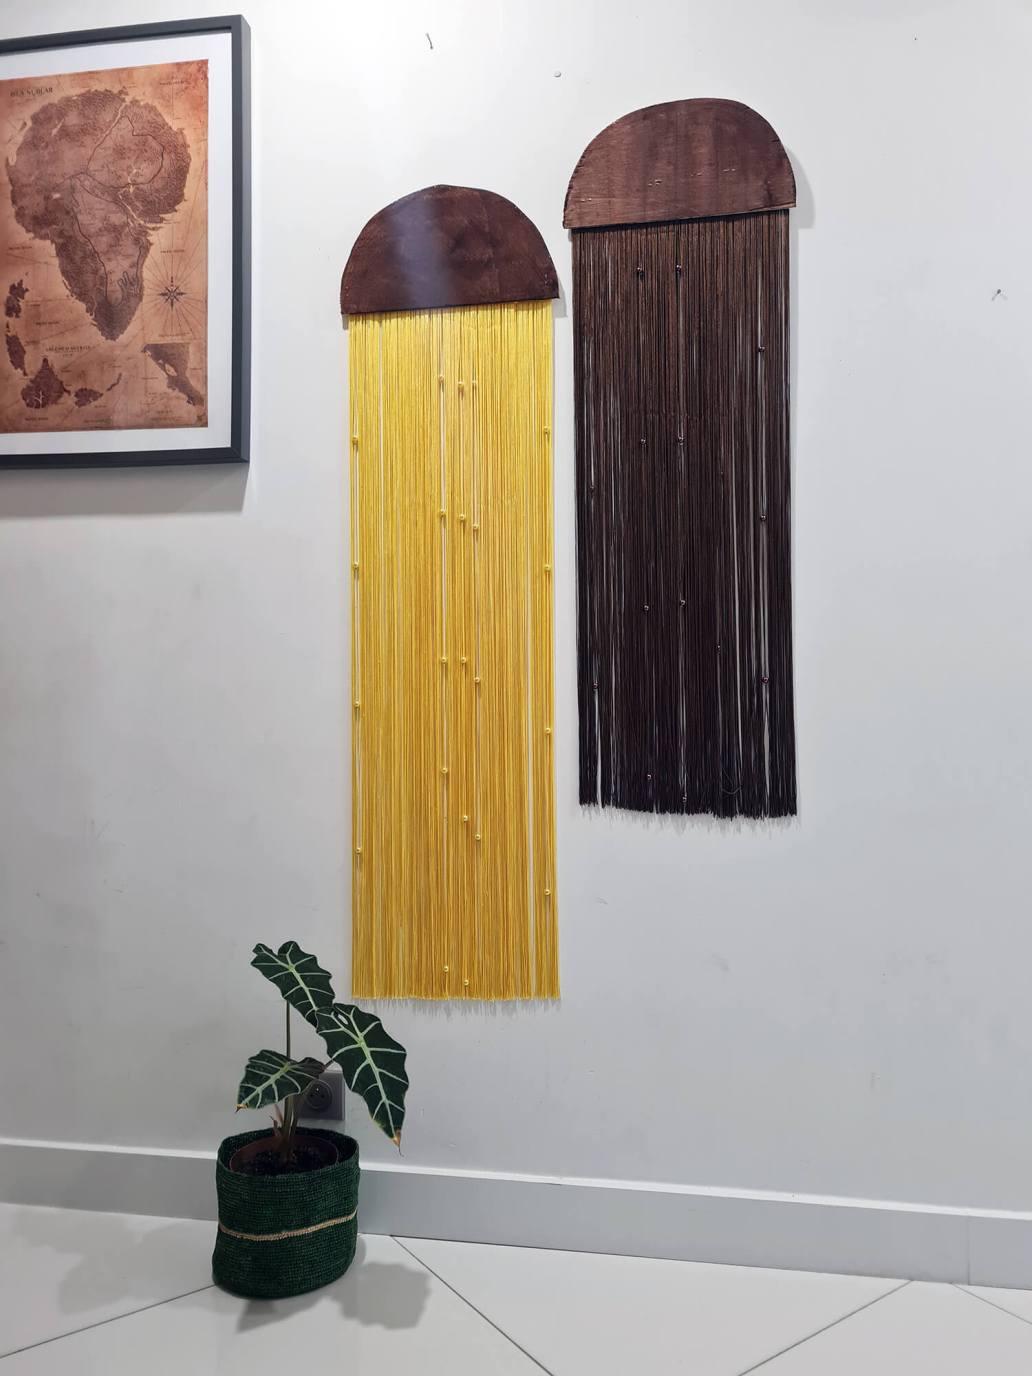 20210115 124010 - DIY : une déco bohème en bois pour sublimer les murs